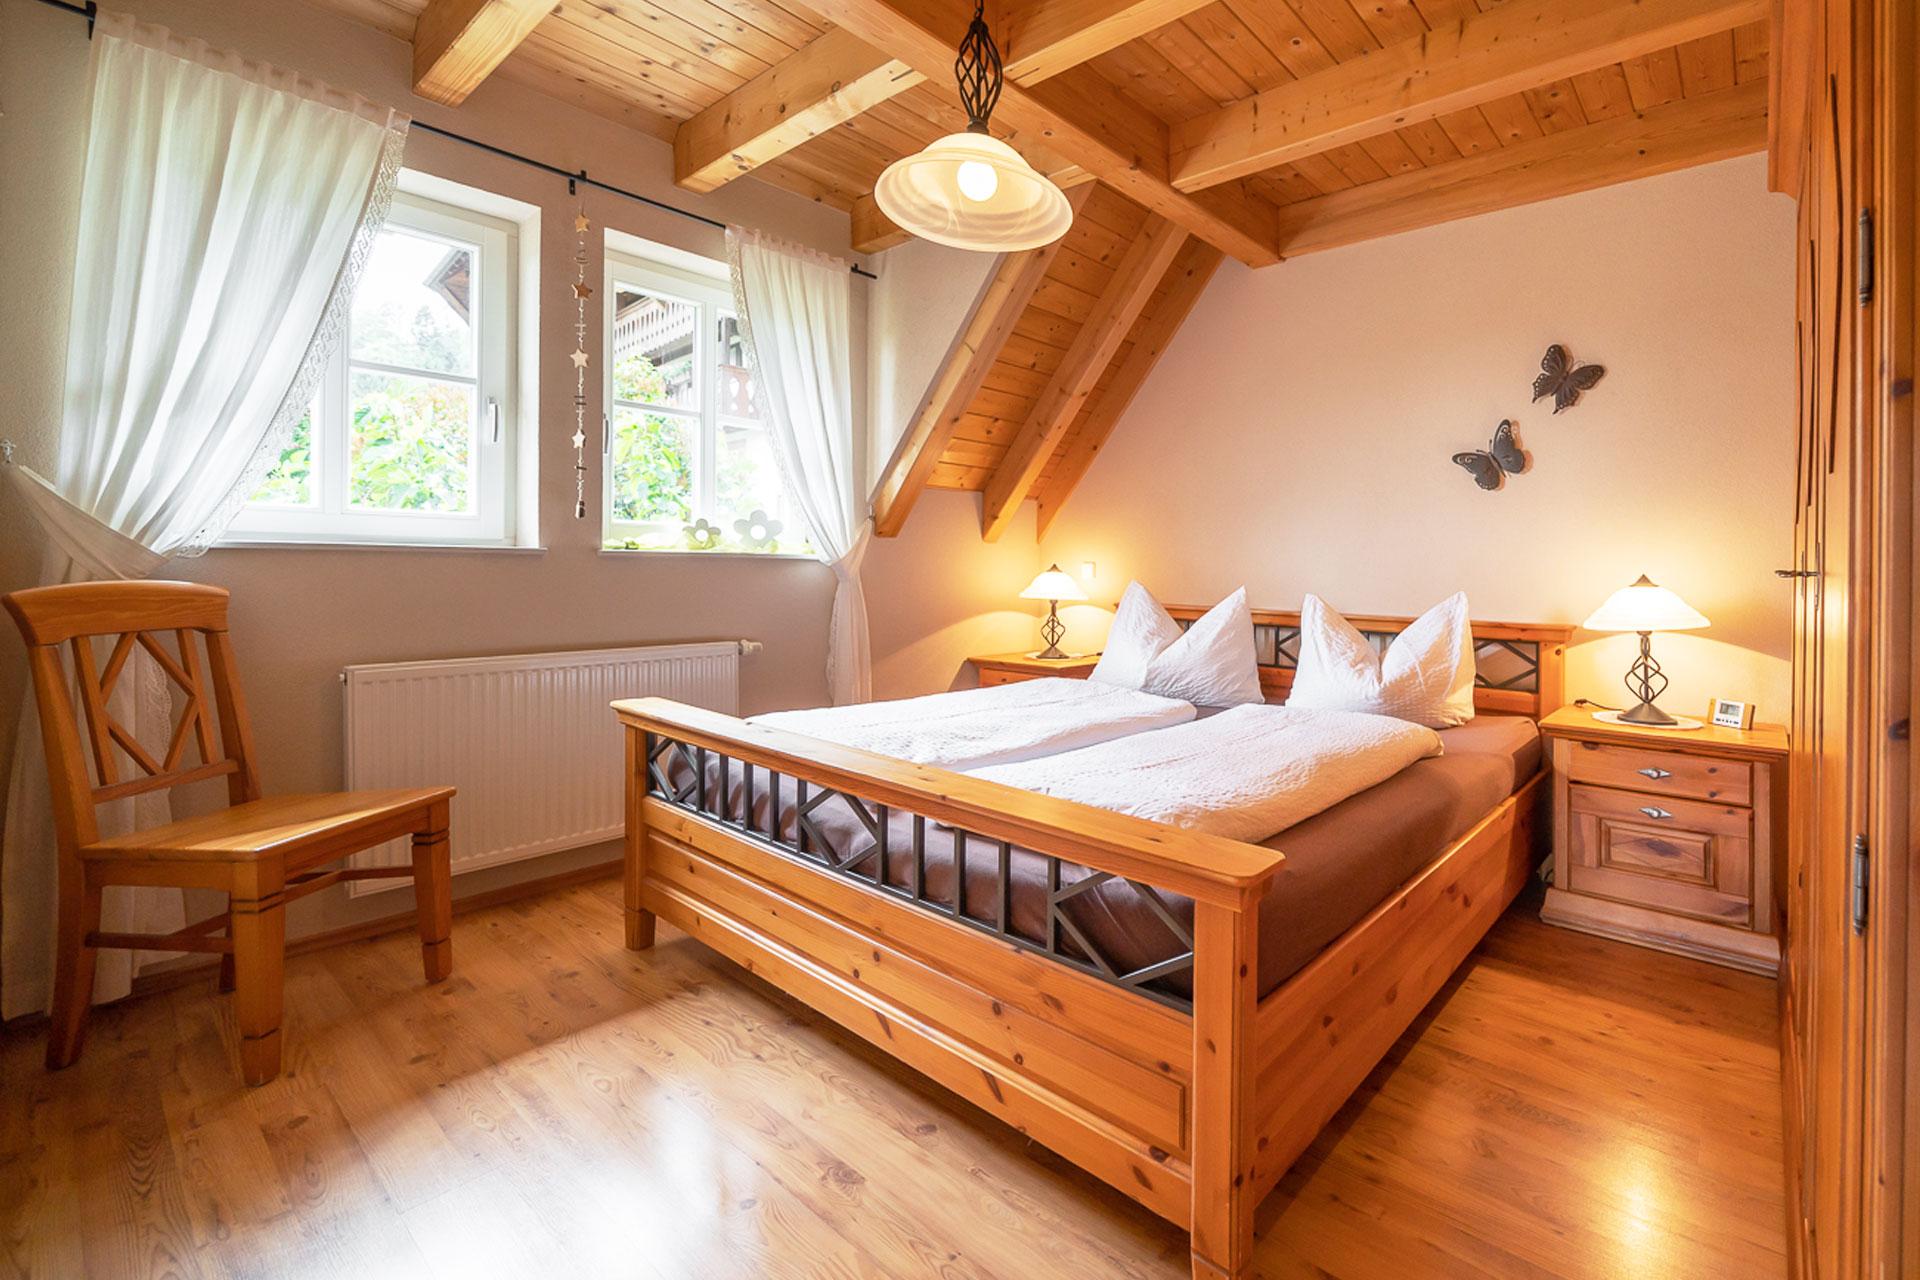 Ferienwohnung Likörle des Ferienhof Doll in Gengenbach